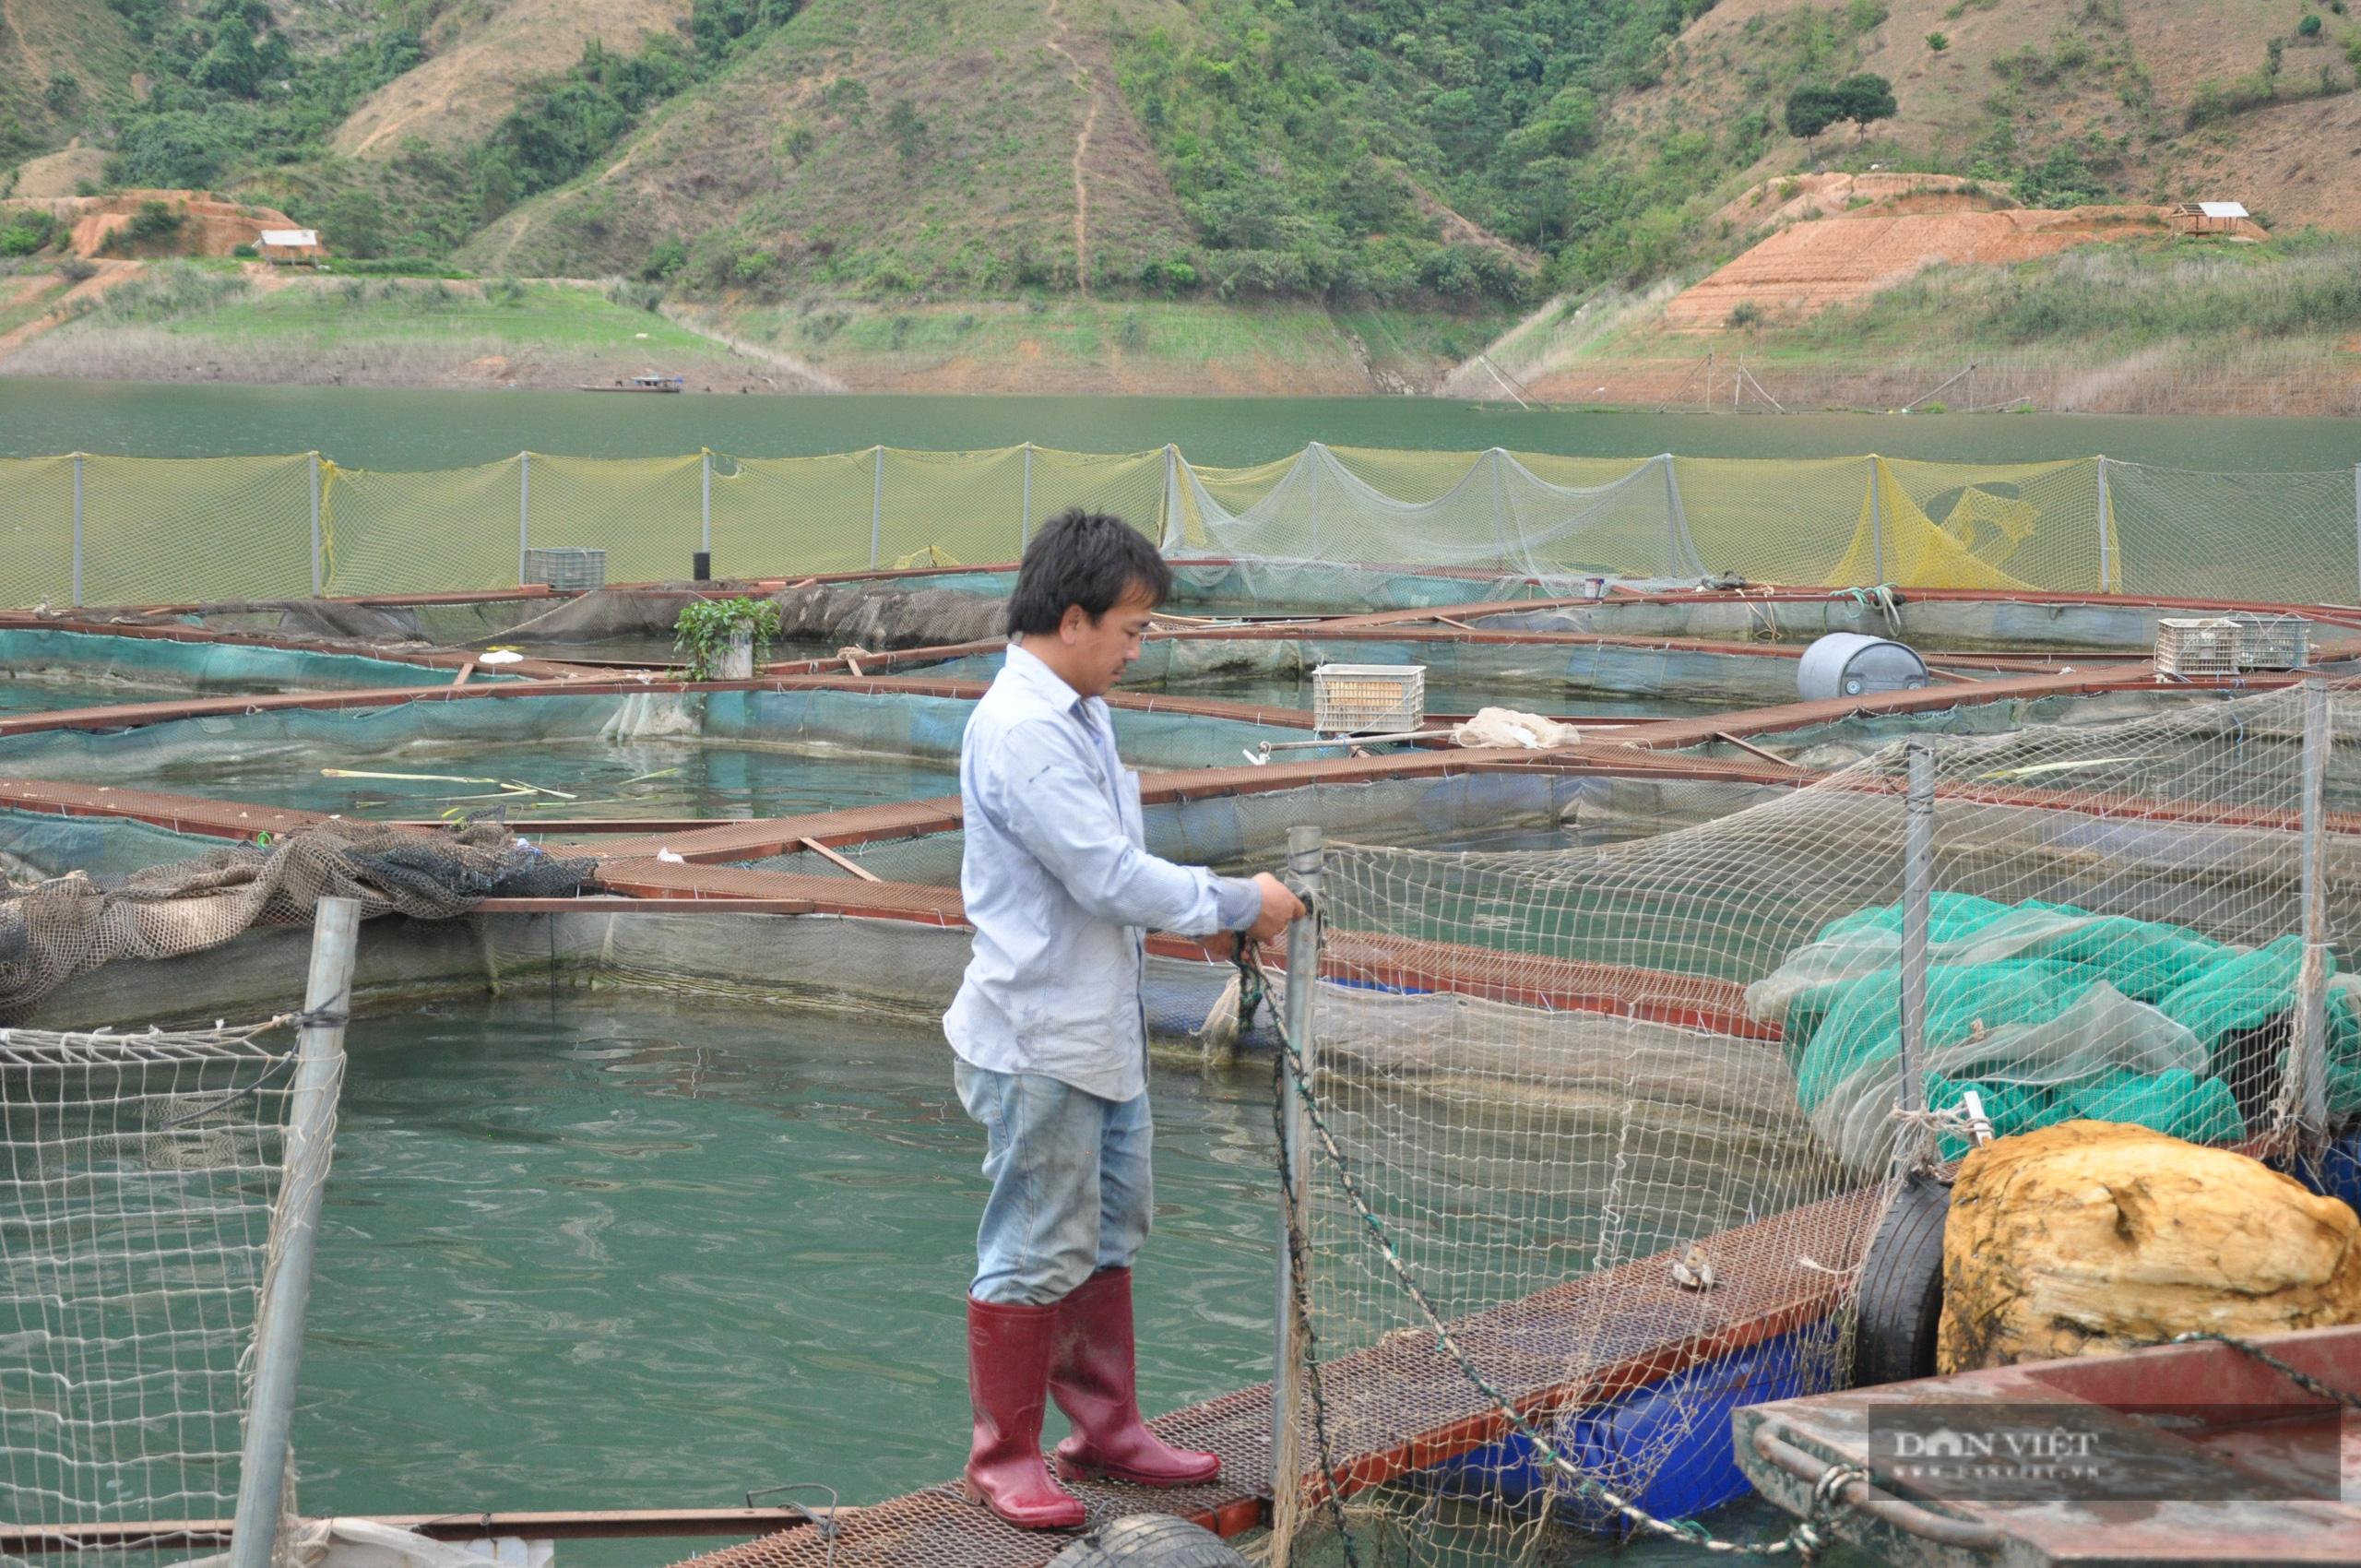 Ảnh hưởng Covid - 19, trăm tấn cá đặc sản ế ẩm, người dân Sơn La thiệt đơn, thiệt kép - Ảnh 4.